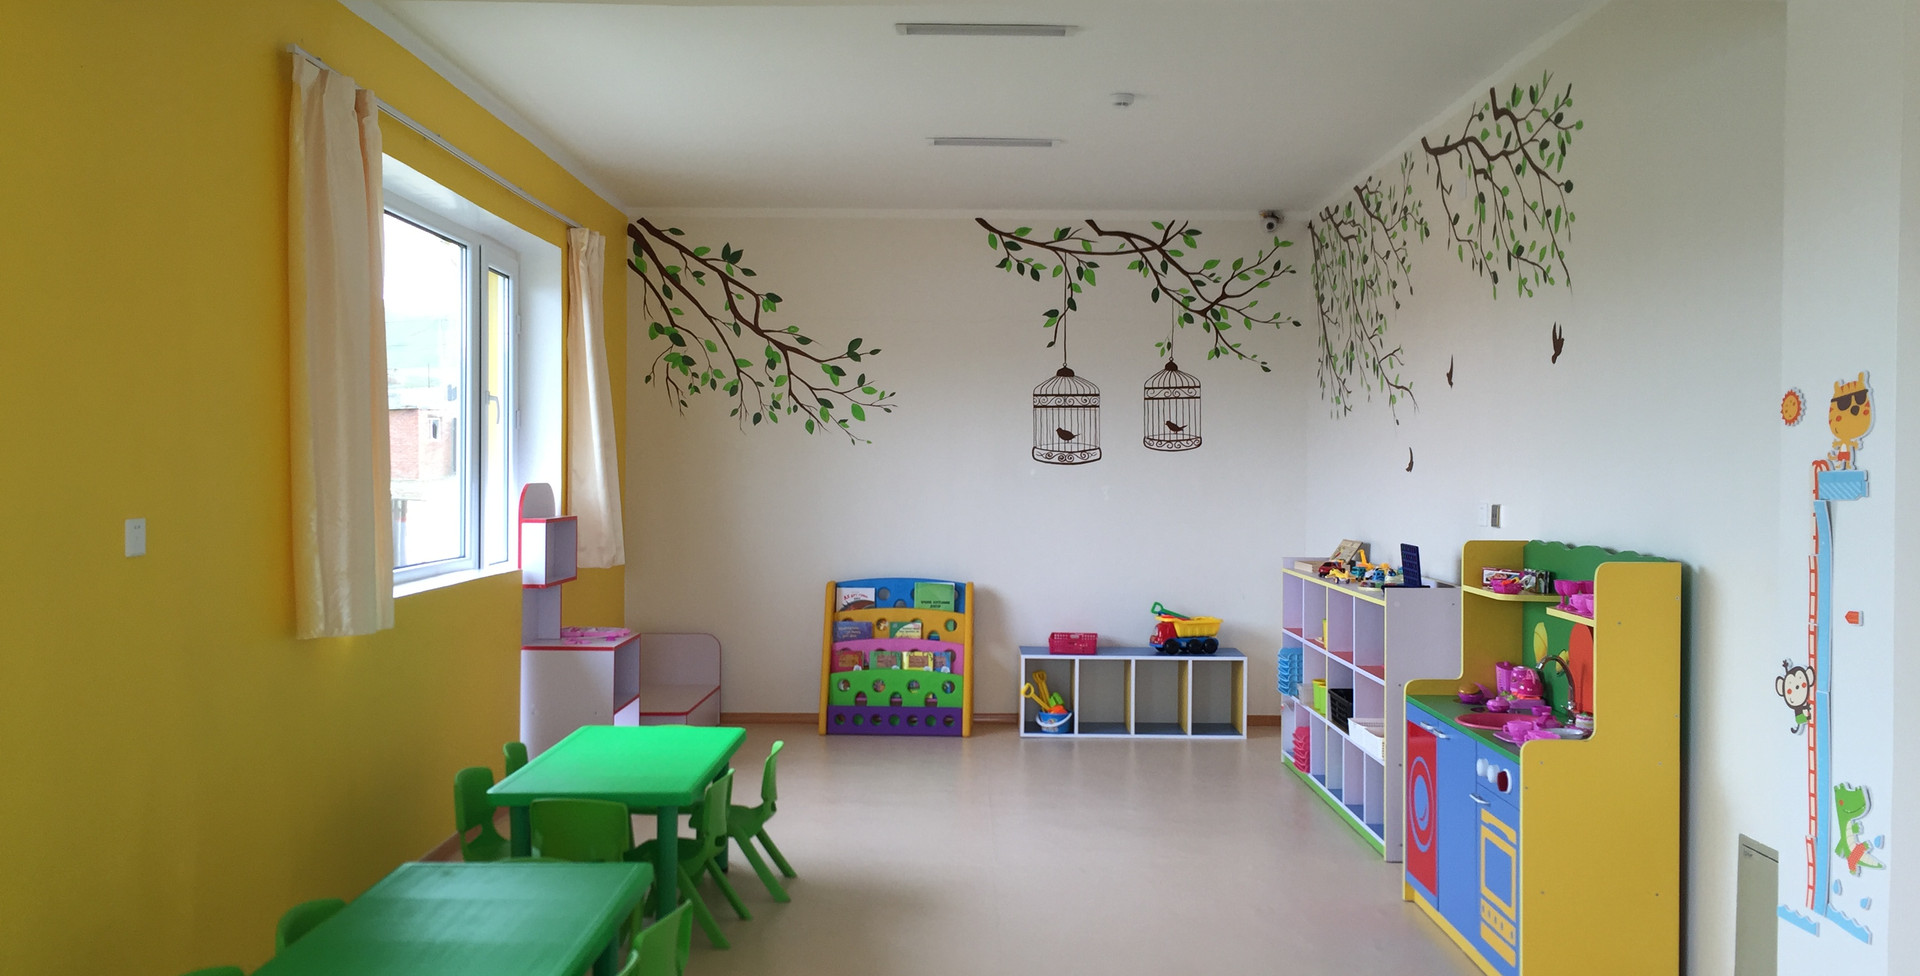 몽골 울란바토르 뱀비어린이집 (교실) 전경.jpg